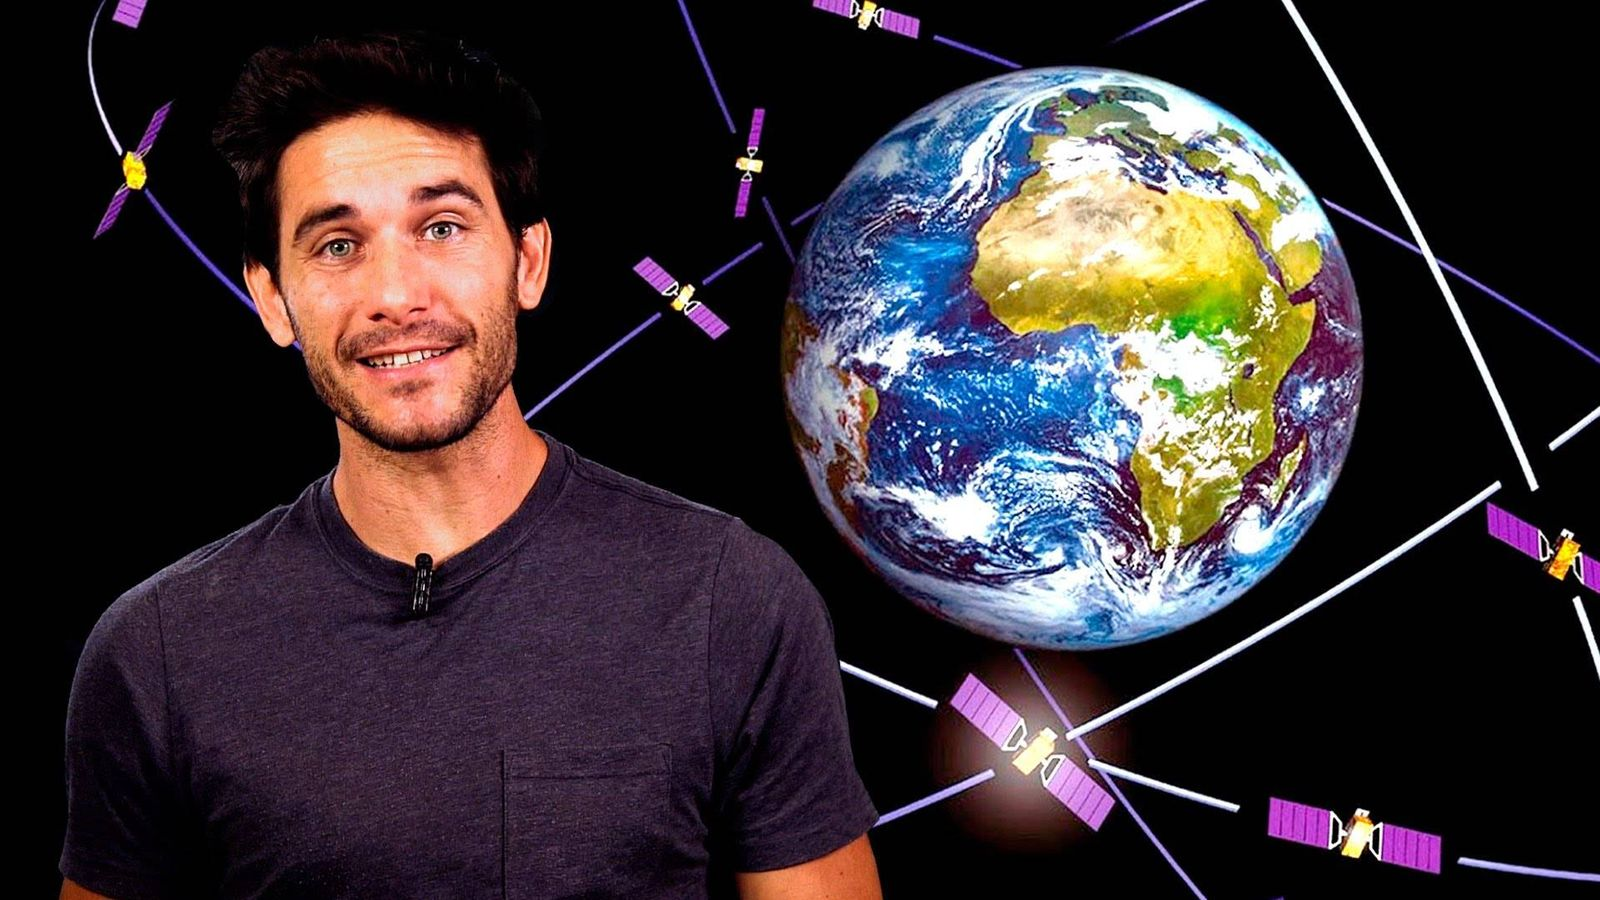 Foto: El canario Javier Santaolalla explica principios de la física cuántica en vídeos de cinco minutos. (Foto: Date un voltio/YouTube)